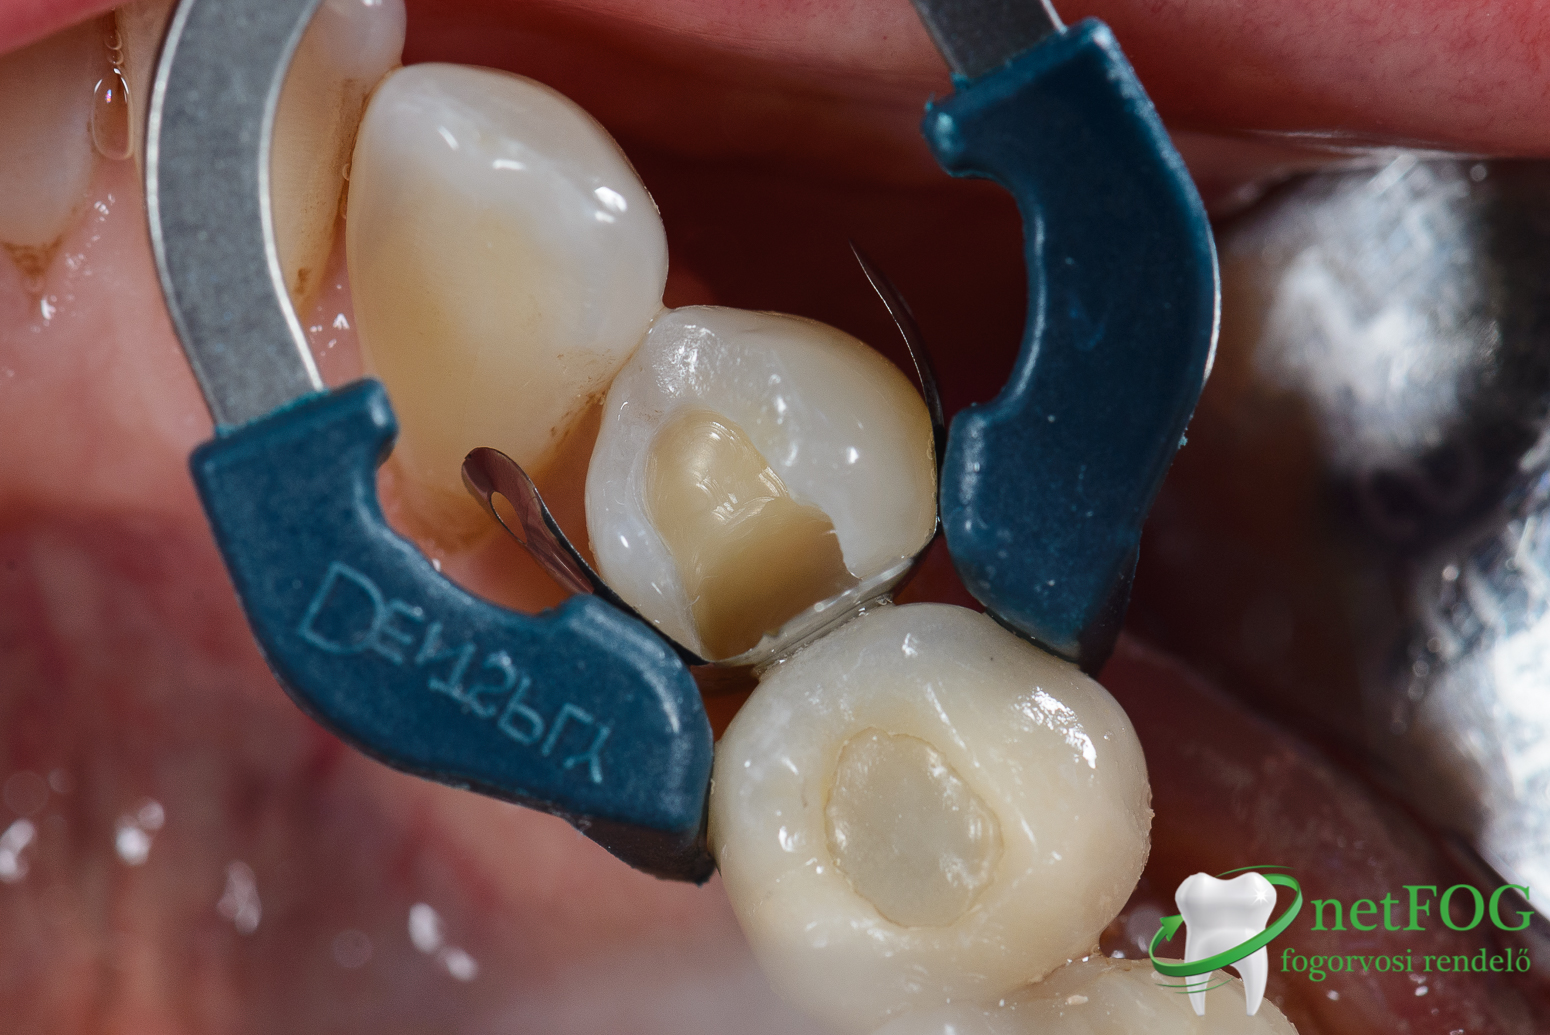 esztétikus fogtömés készítésének egyik lépése, látható a matrica és a kialakított üreg a fogban